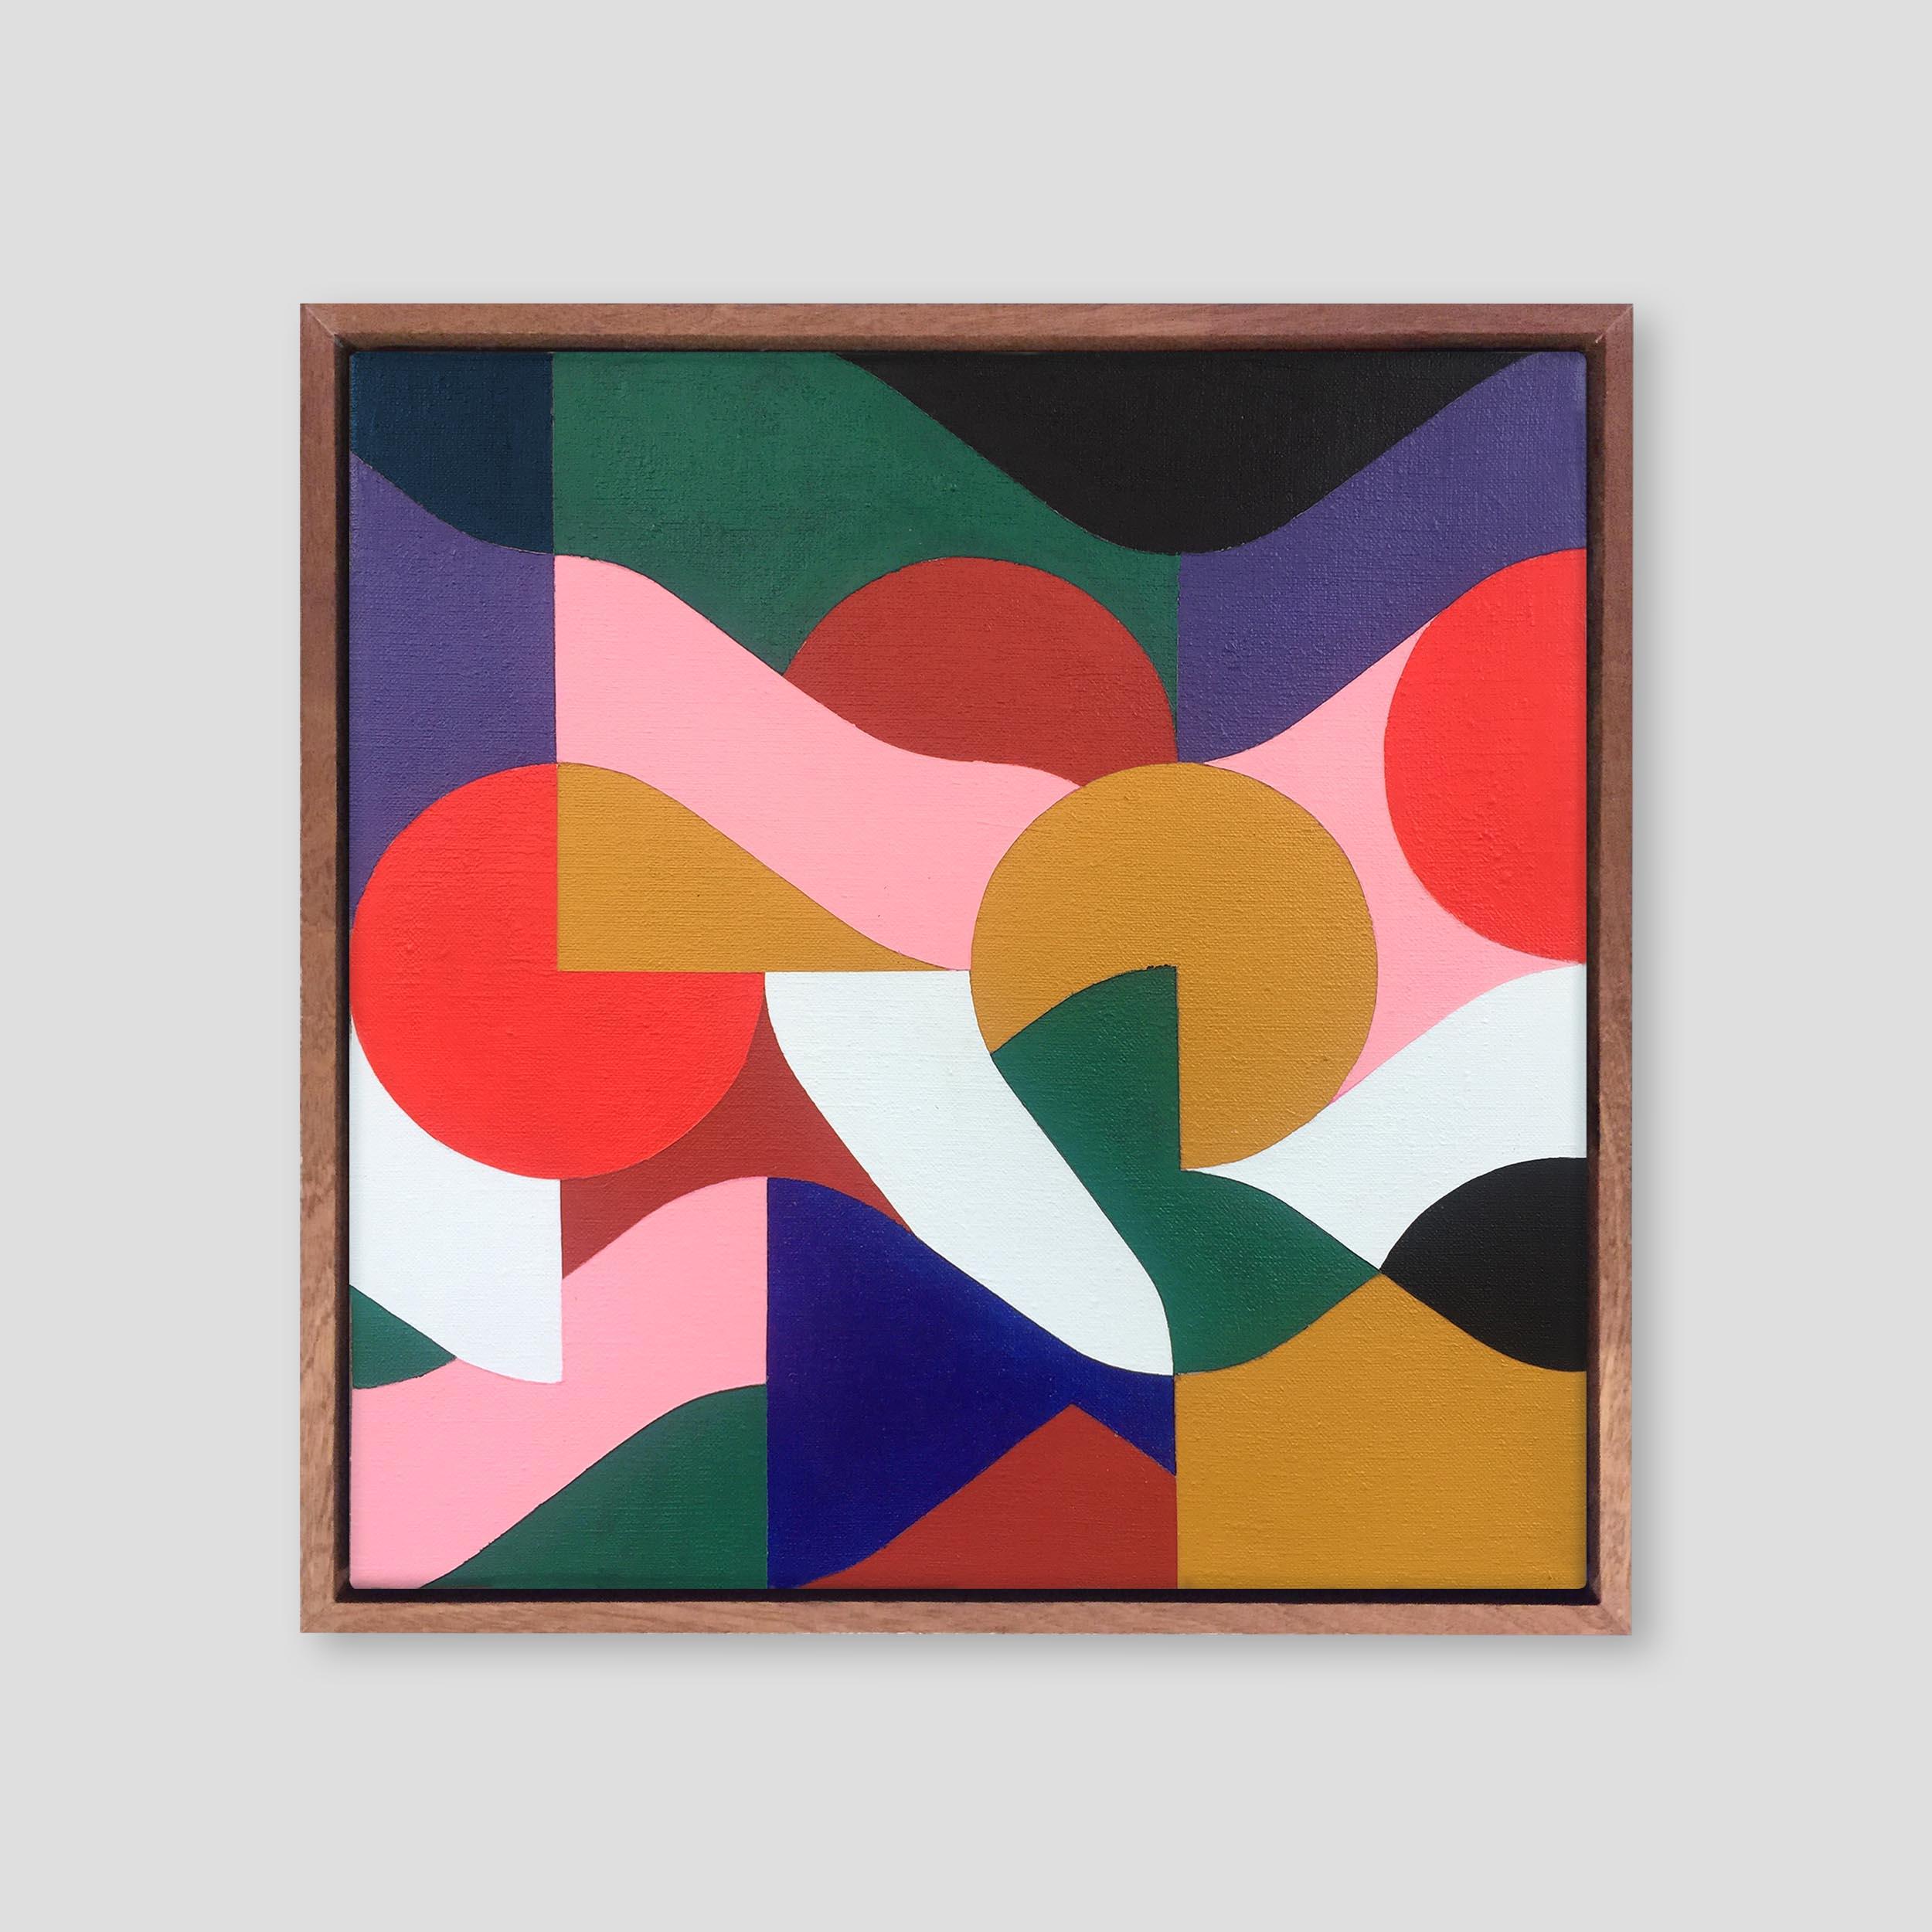 Sơn Tây   41 x 41 cm | acrylic on linen, sapele frame | 2018